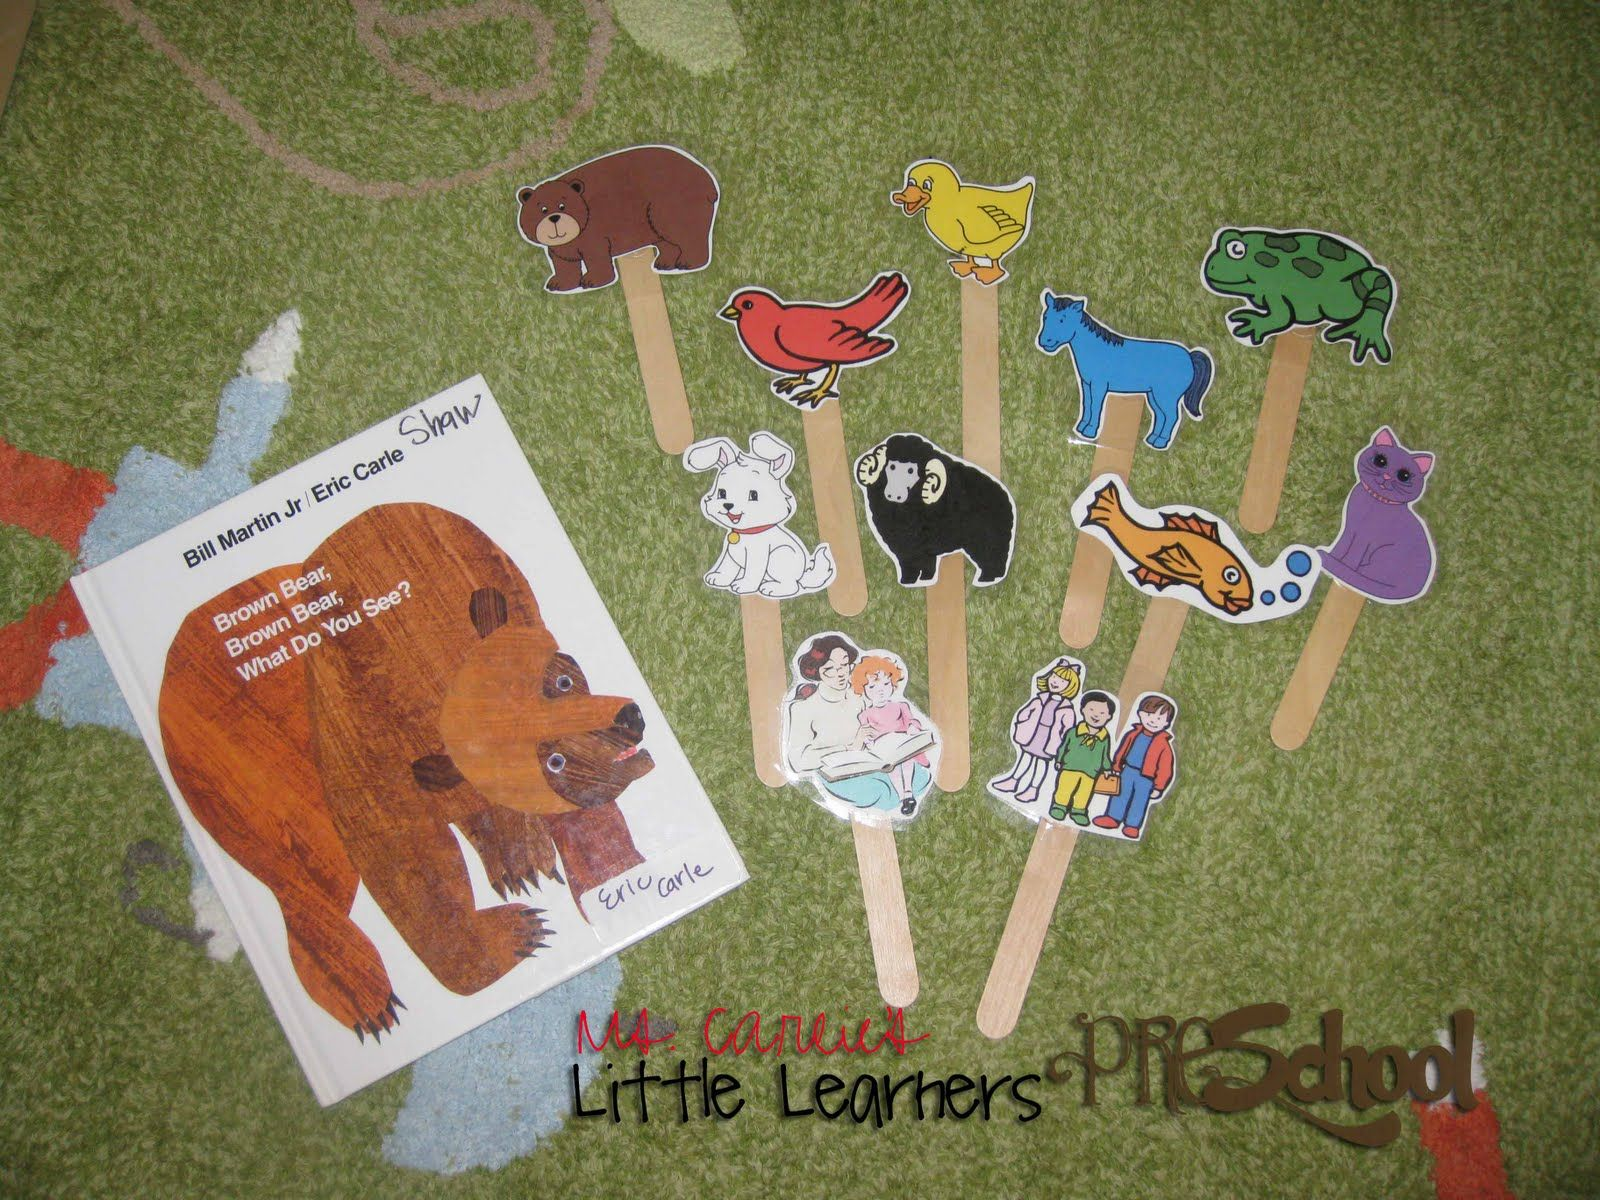 Ms Carlie S Little Learners Preschool Brown Bear Brown